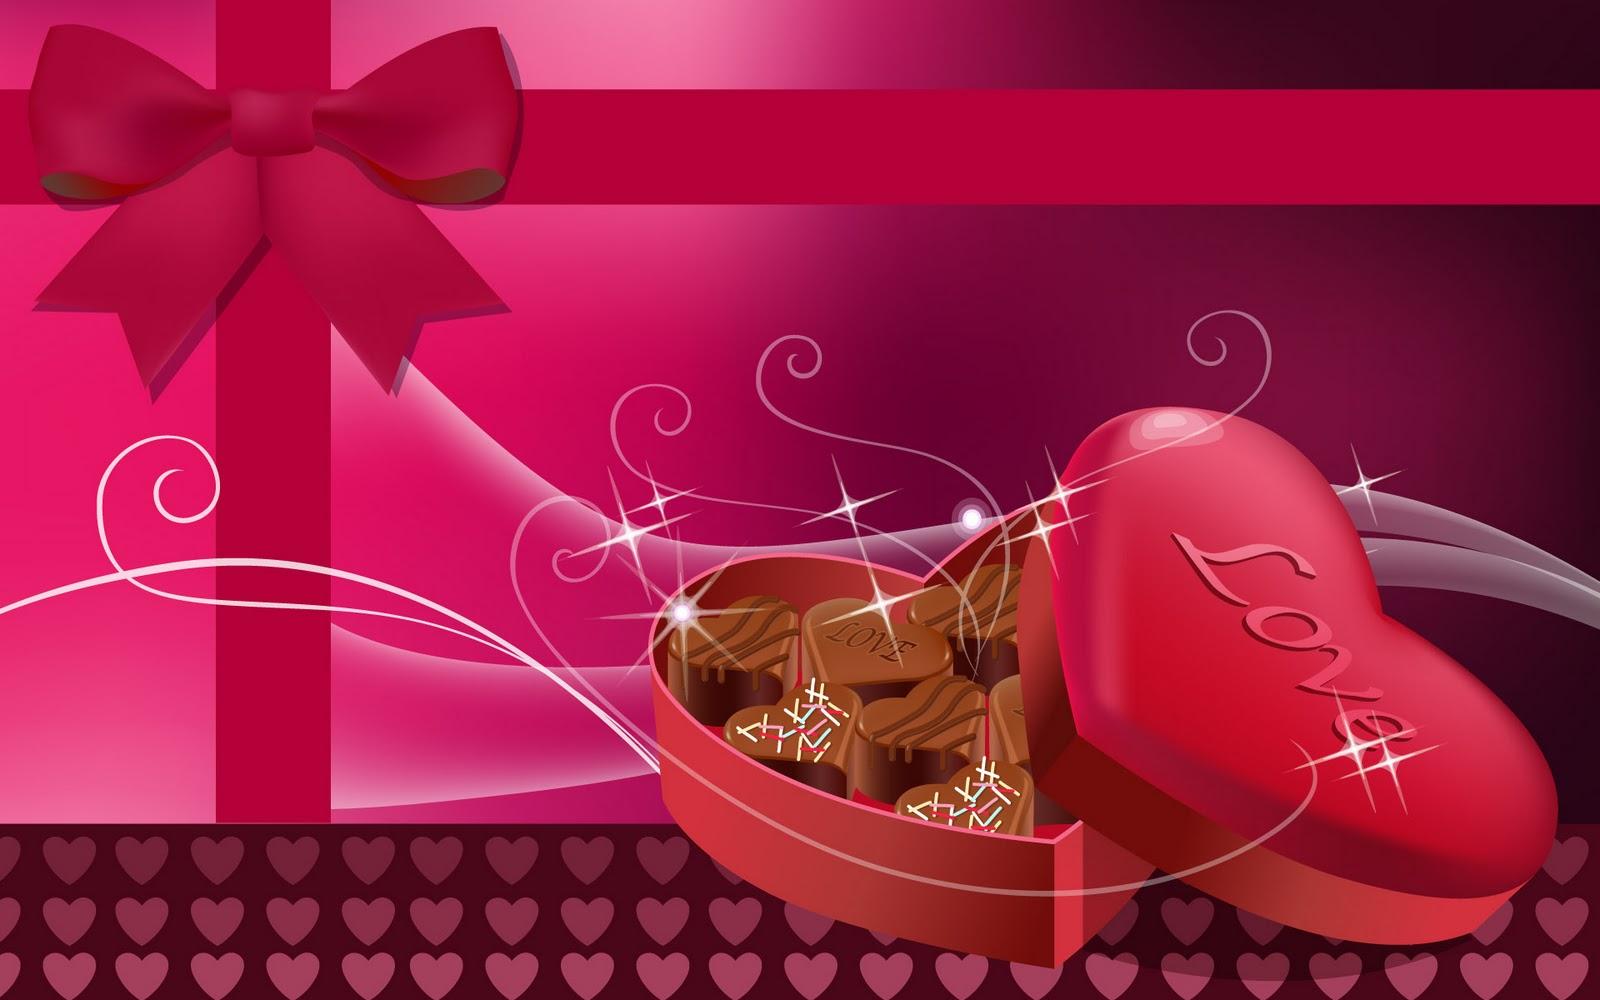 http://1.bp.blogspot.com/-ERs80XouCzc/UCsk5MNWGrI/AAAAAAAABGE/M_X8h3gu9EM/s1600/Love+Chocos+HD+Wallpaper.jpg